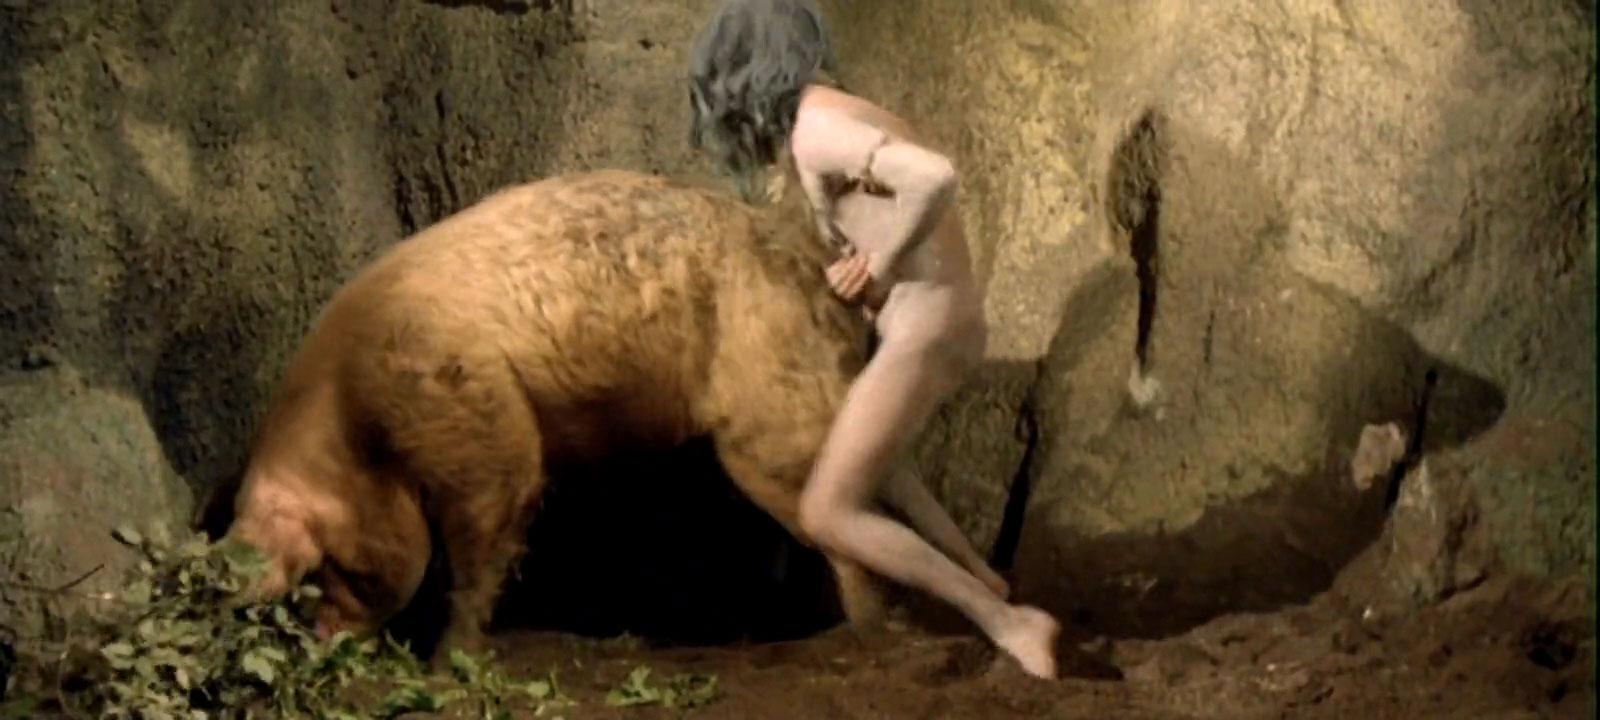 Секс из нутри смотреть онлайн бесплатно, Видео половой акт внутри влагалища 11 фотография